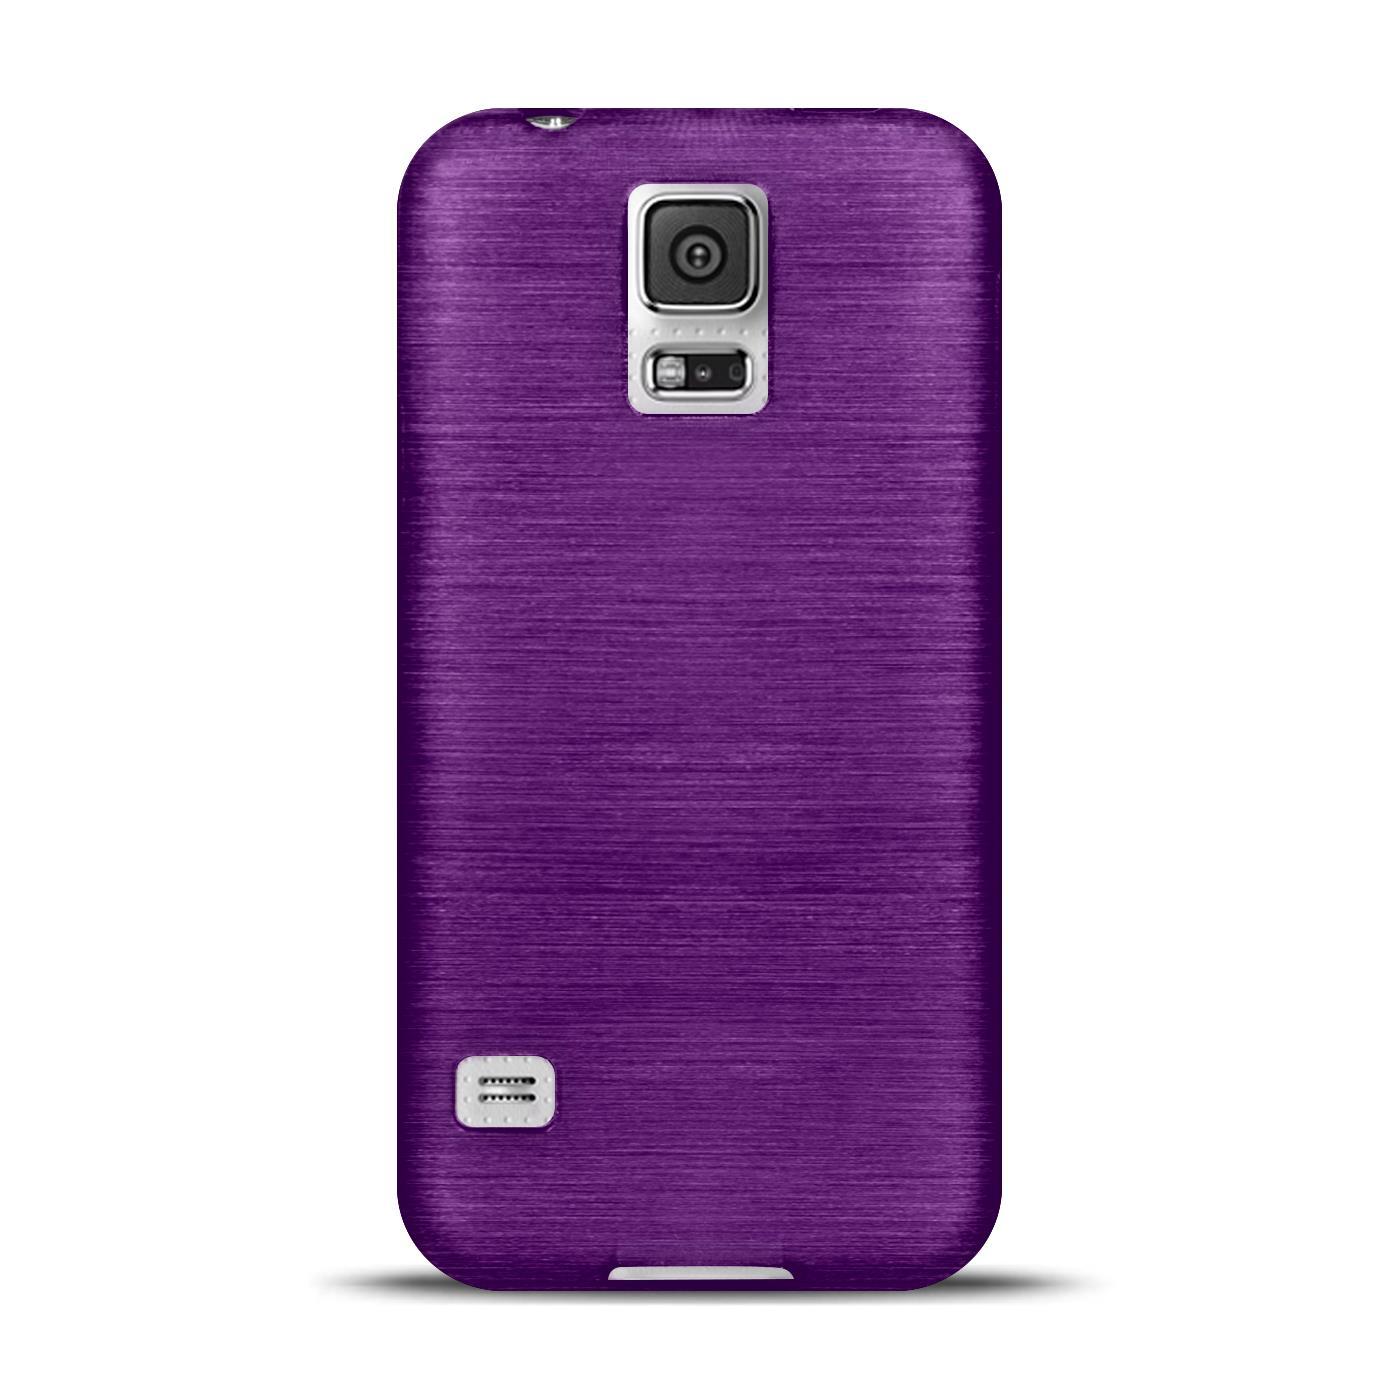 Silikon-Bumper-Case-Samsung-Galaxy-s5-Neo-duenne-ultra-slim-Stossfeste-Rueckschale Indexbild 26